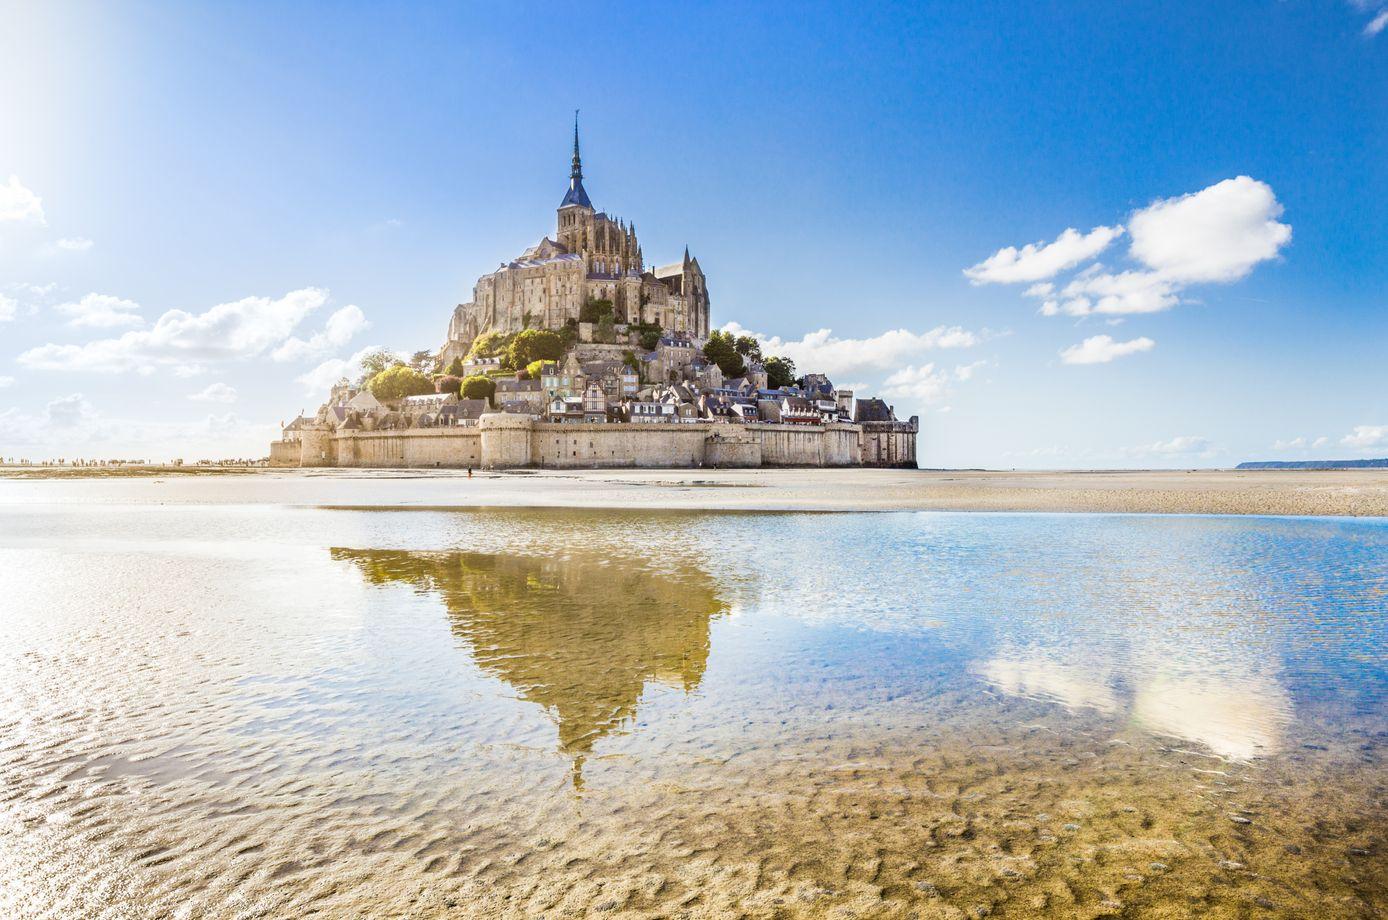 Must-sees in der Normandie: Mont-Saint-Michel